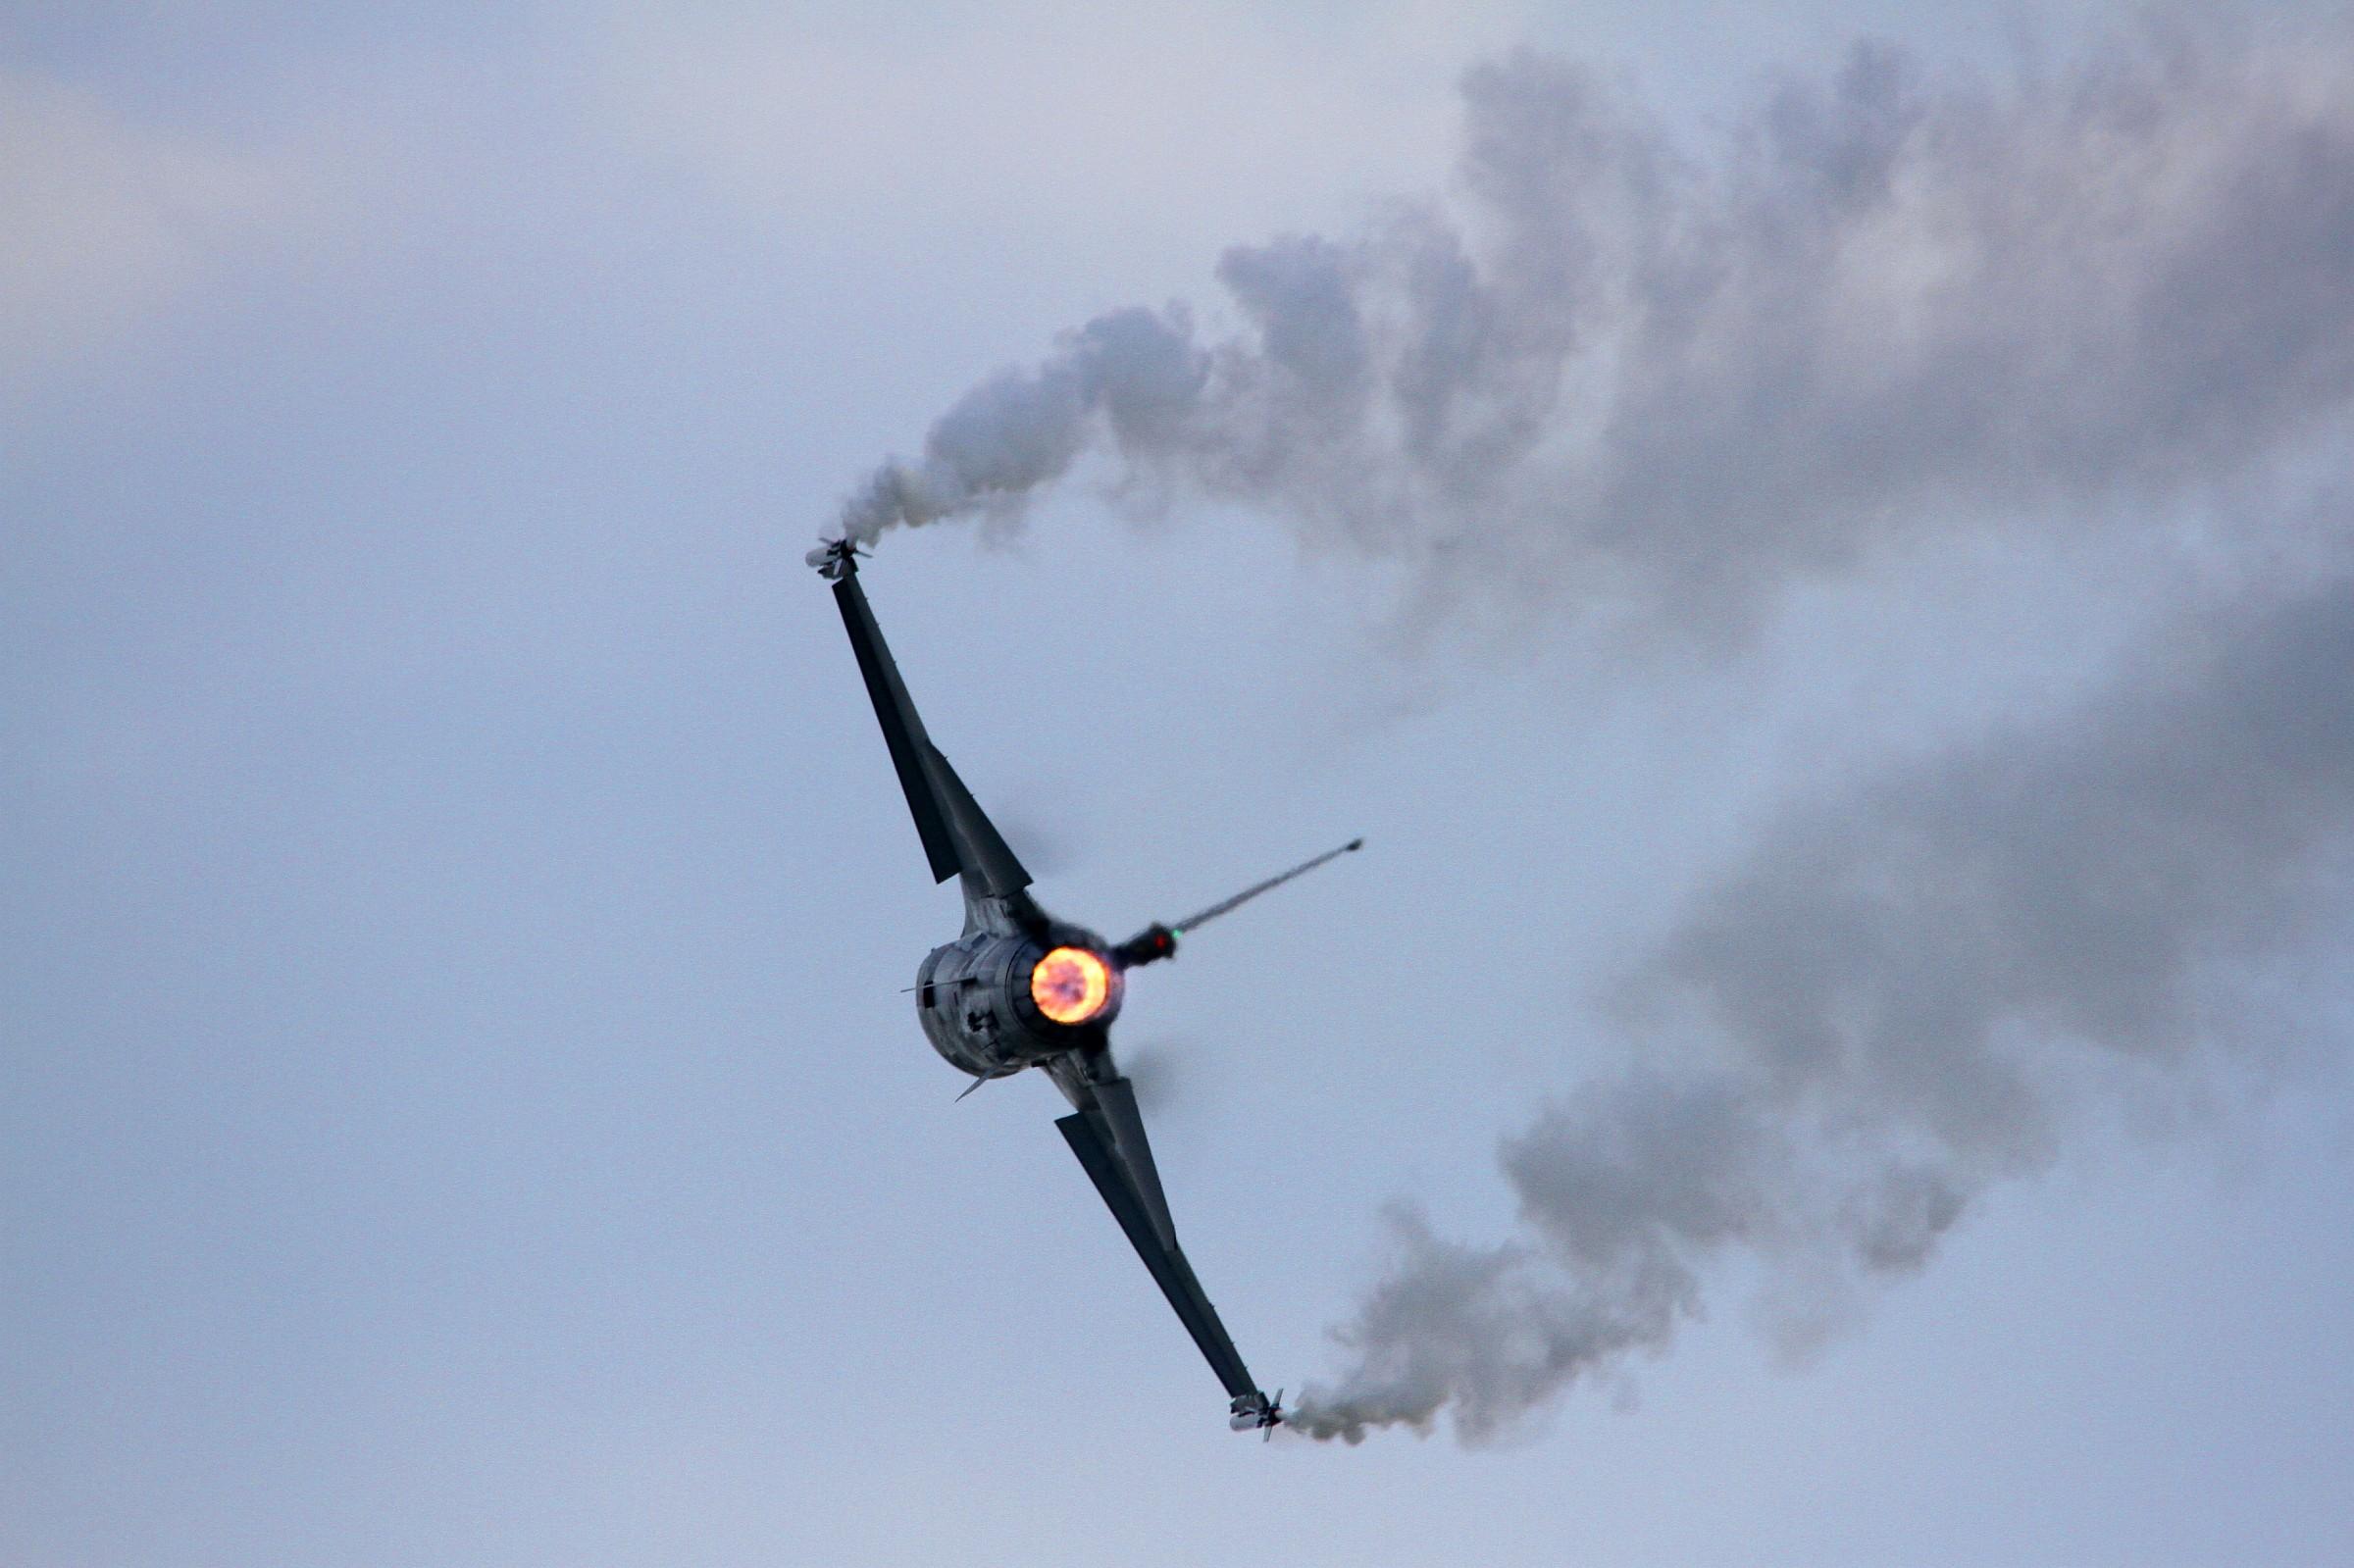 F16 - Virata stretta...